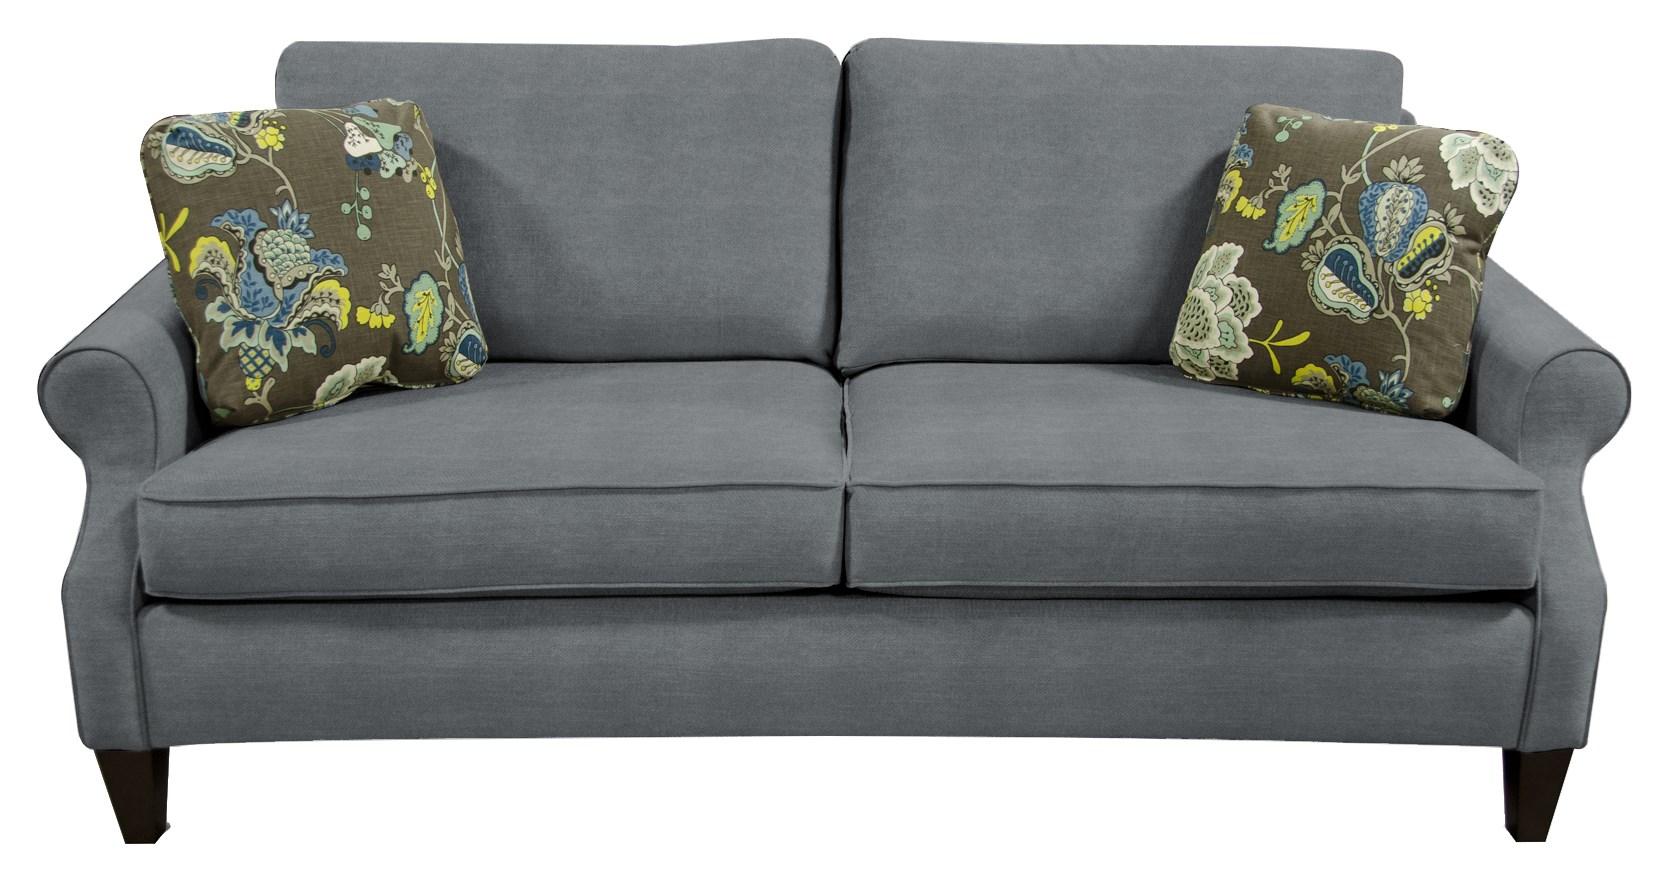 England Duke Living Room Sofa - Item Number: 3135-6034